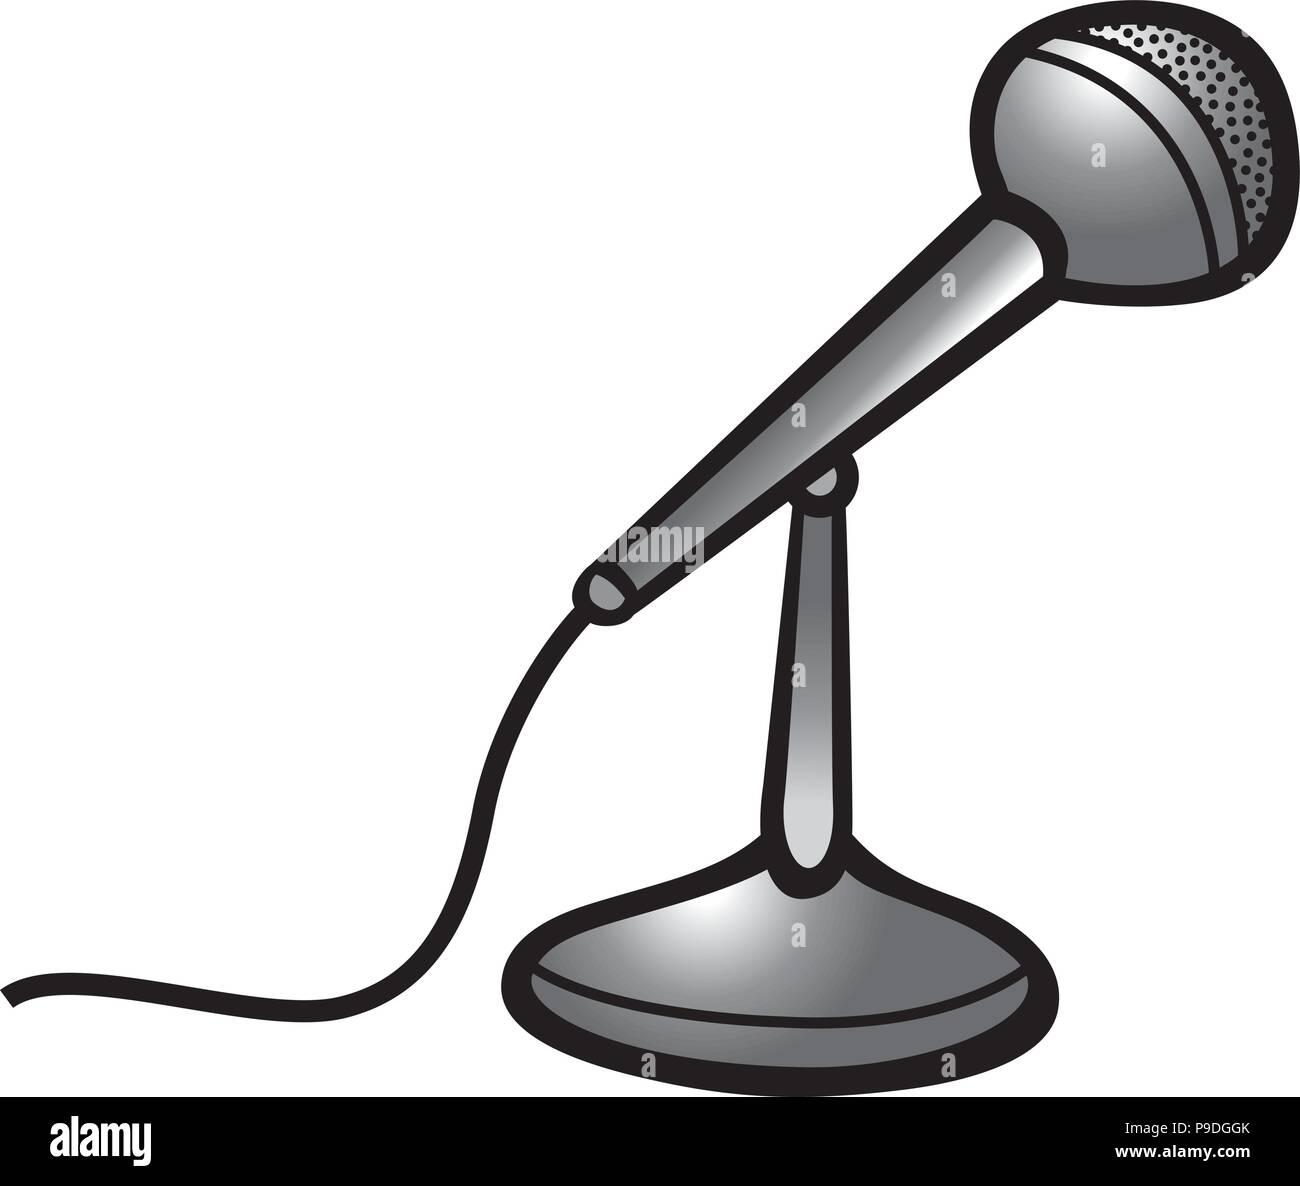 Ilustración Vectorial De Dibujos Animados De Un Micrófono